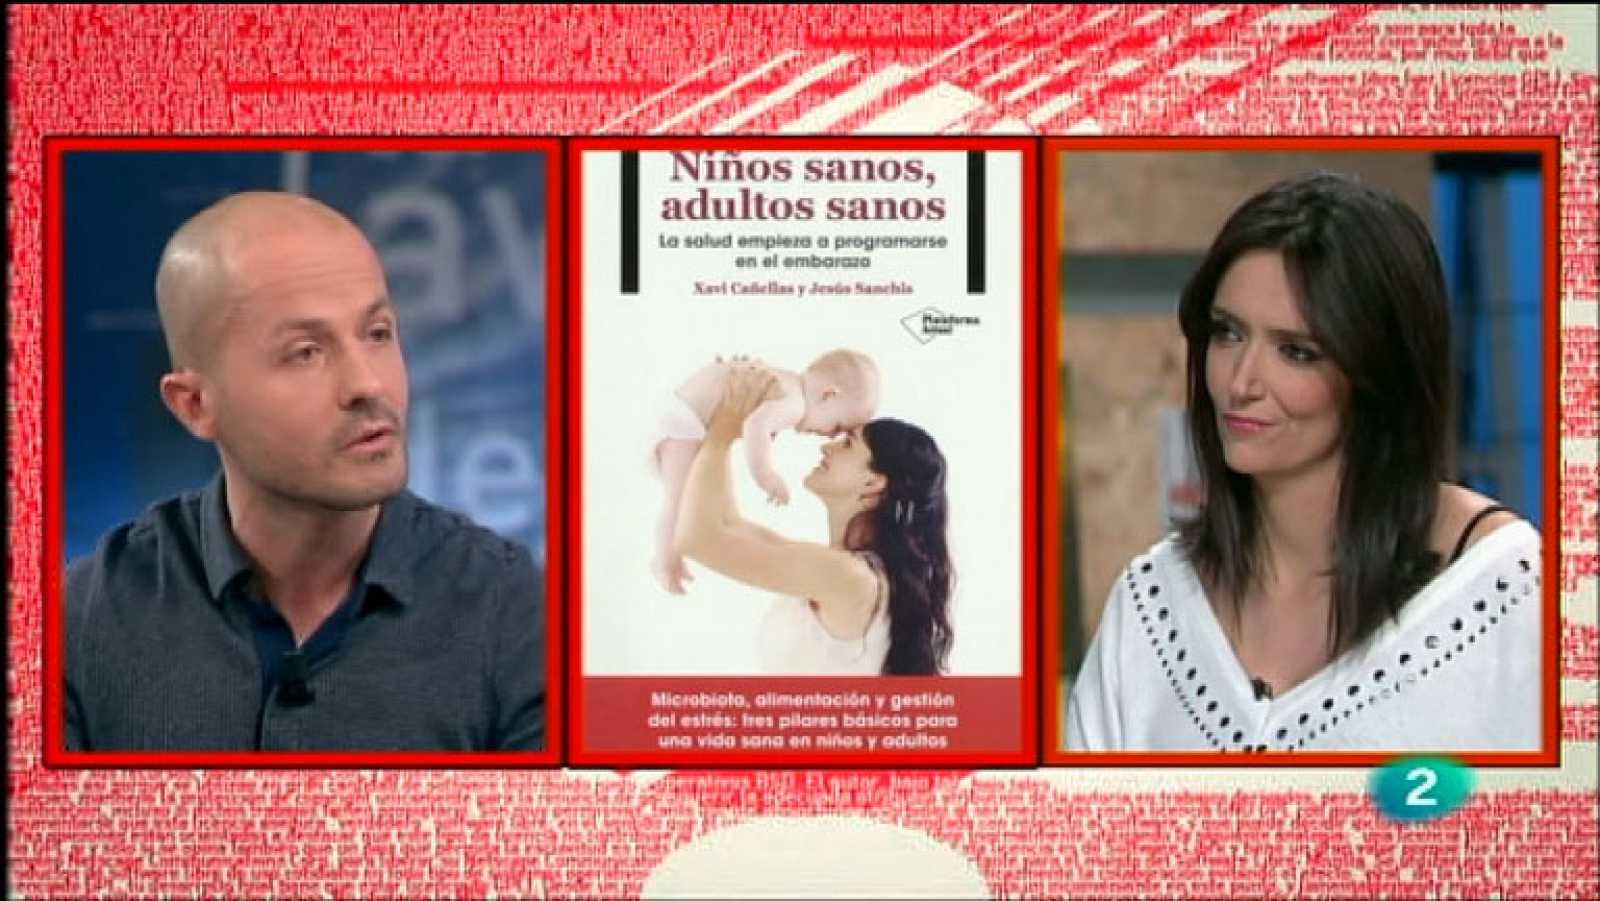 La Aventura del Saber. TVE. 'Niños sanos, adultos sanos'